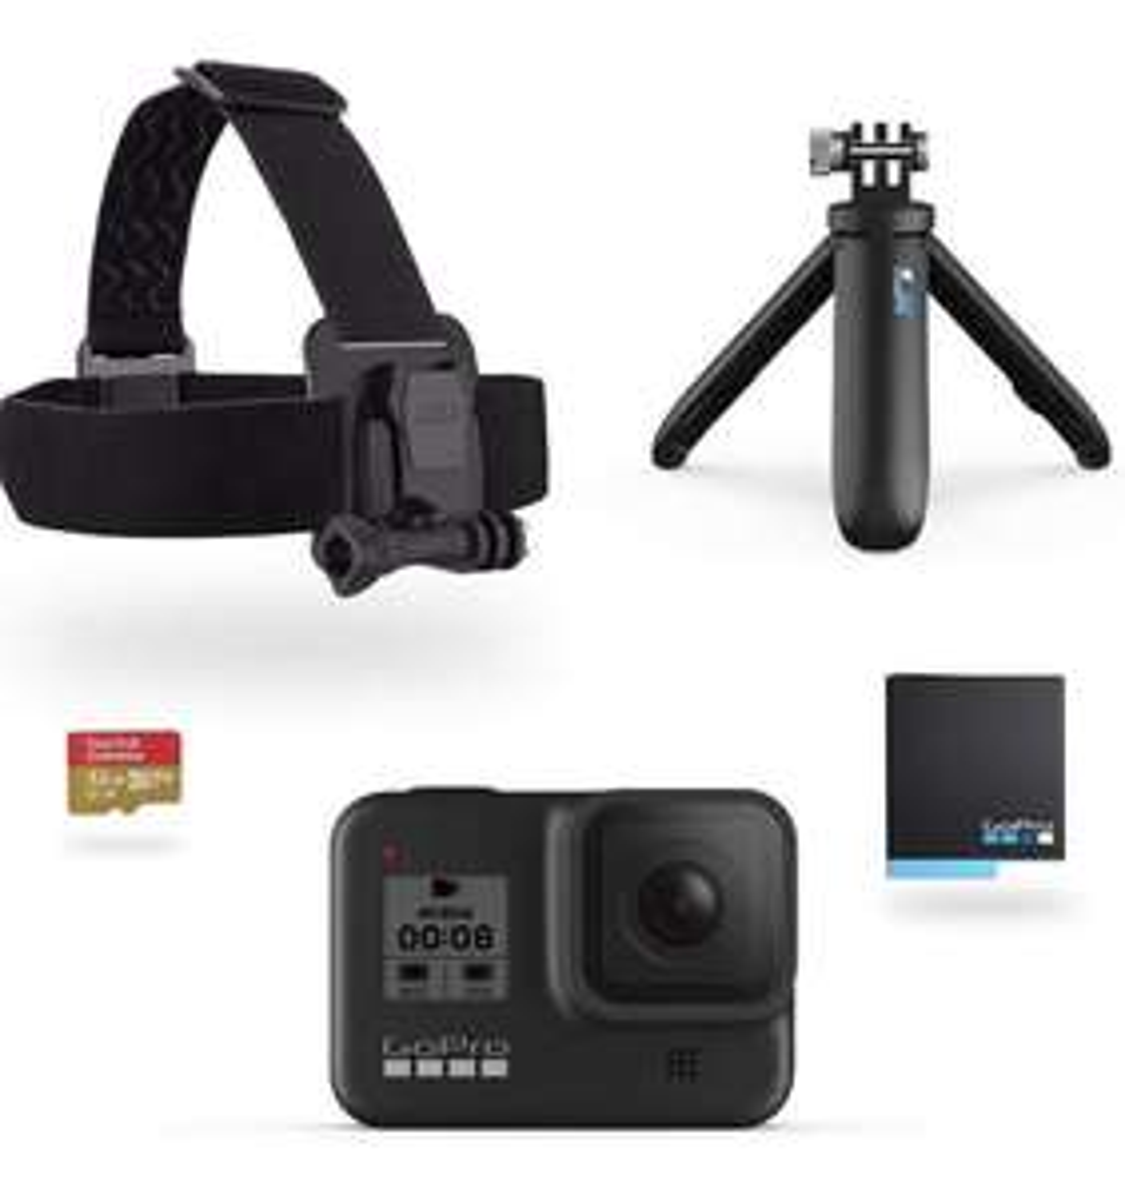 GoPro HERO8 Black Bundle 432,50€ - Amazon